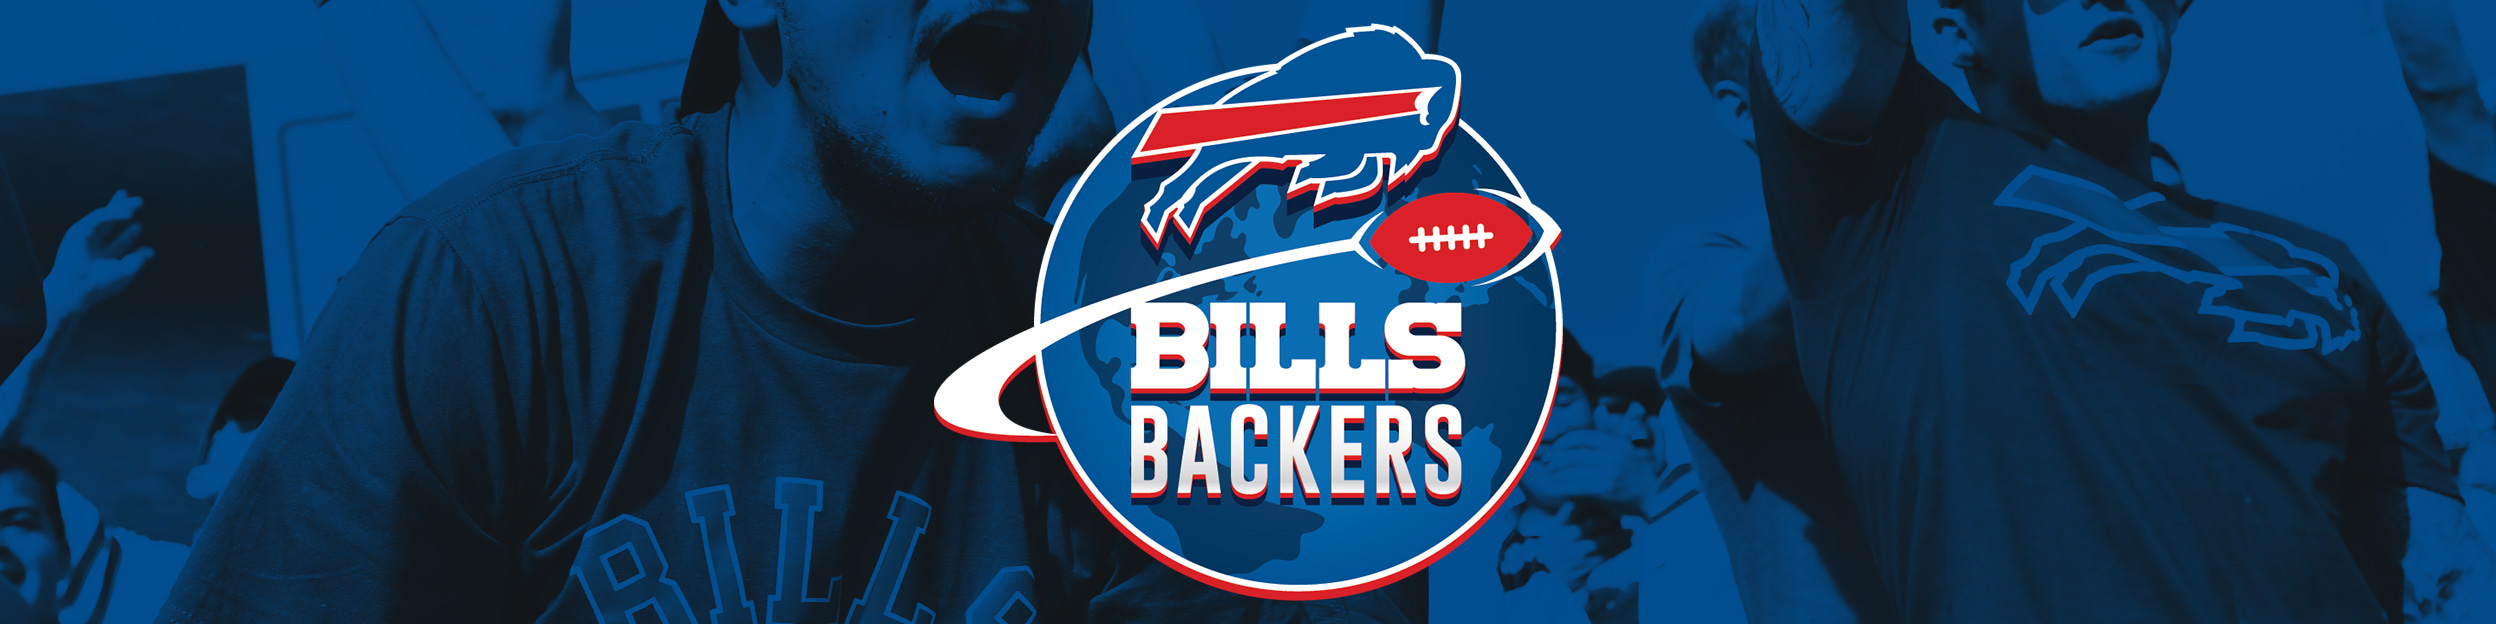 big sale 27ec6 6eb3b Buffalo Bills Backers | Buffalo Bills - buffalobills.com